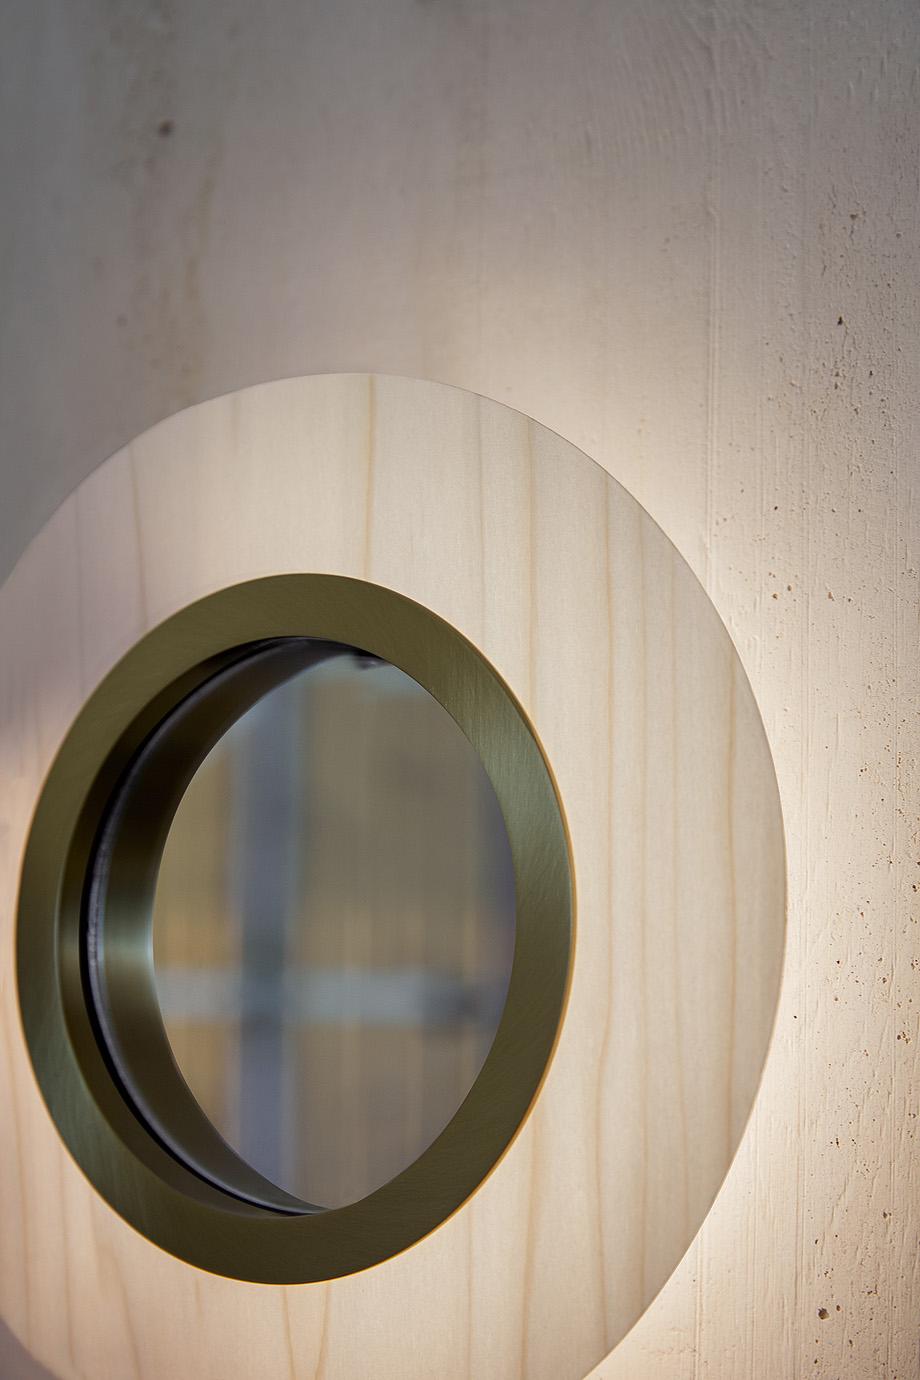 aplique lens de mut design y lzf lamps (5)